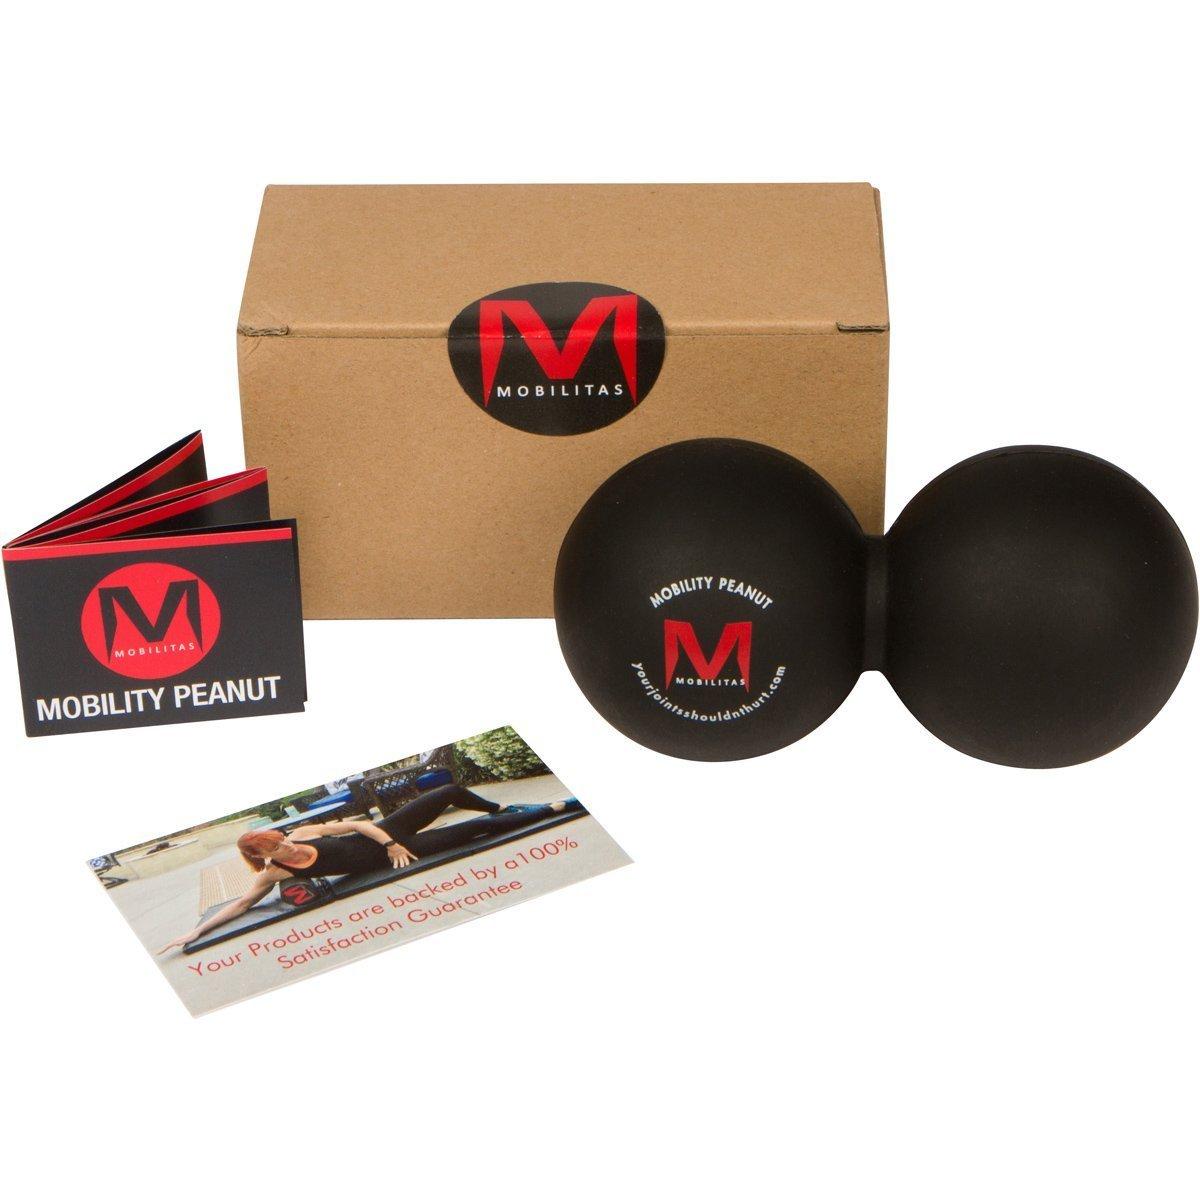 Mobilitas Mobilität Peanut – Das Original Double Lacrosse Ball & myofaszialer Release Werkzeug für Mobilität Training. respektiert für seine Griffigkeit und Langlebigkeit.-Dicht und extra fest – reinigt & sanitizes leicht